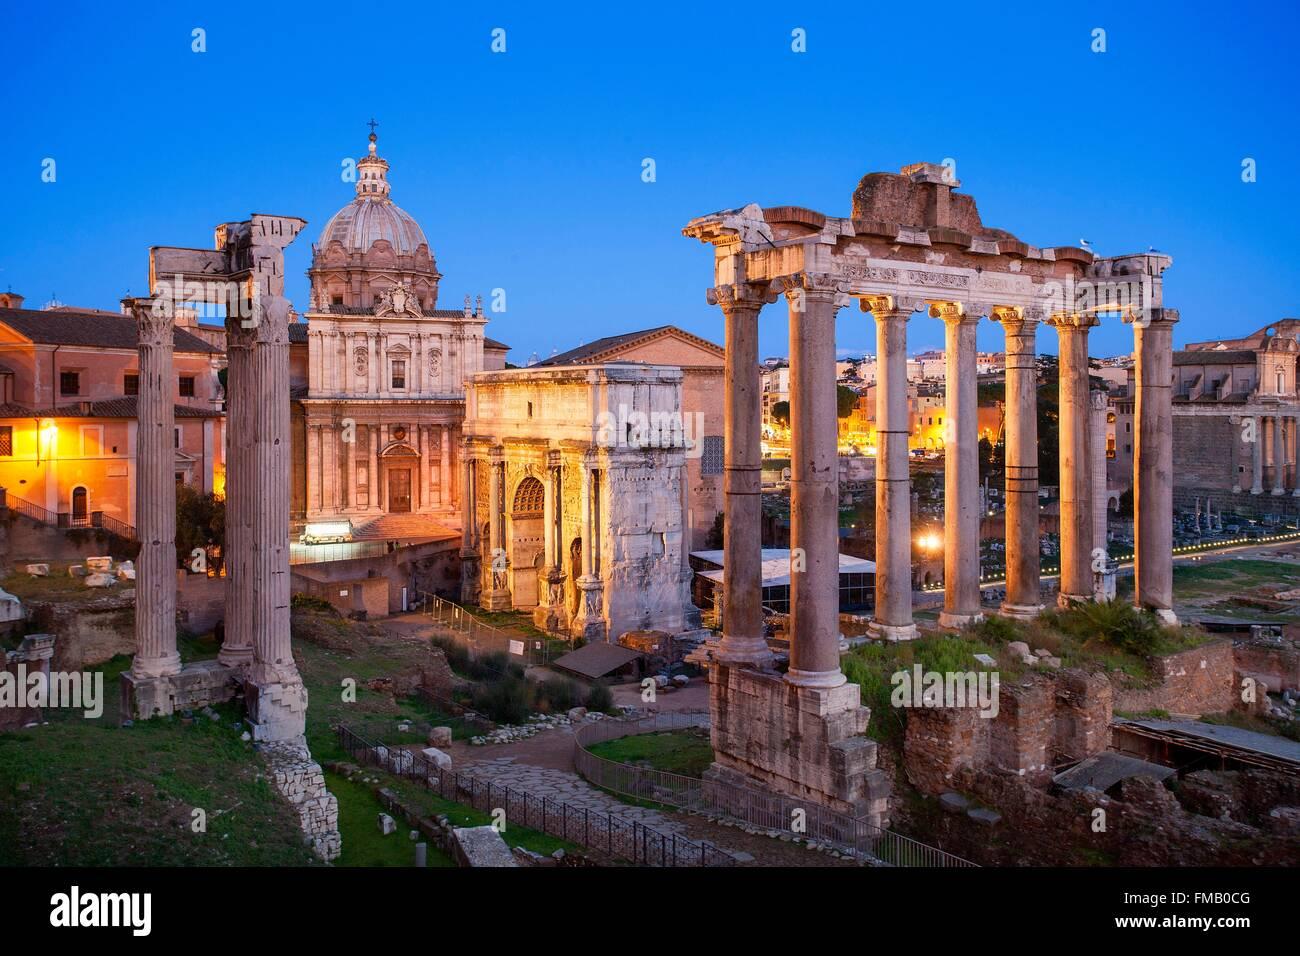 Italia Lazio Roma centro storico elencati come patrimonio mondiale dall UNESCO, il Foro Romano e l'Arco di Settimio Immagini Stock